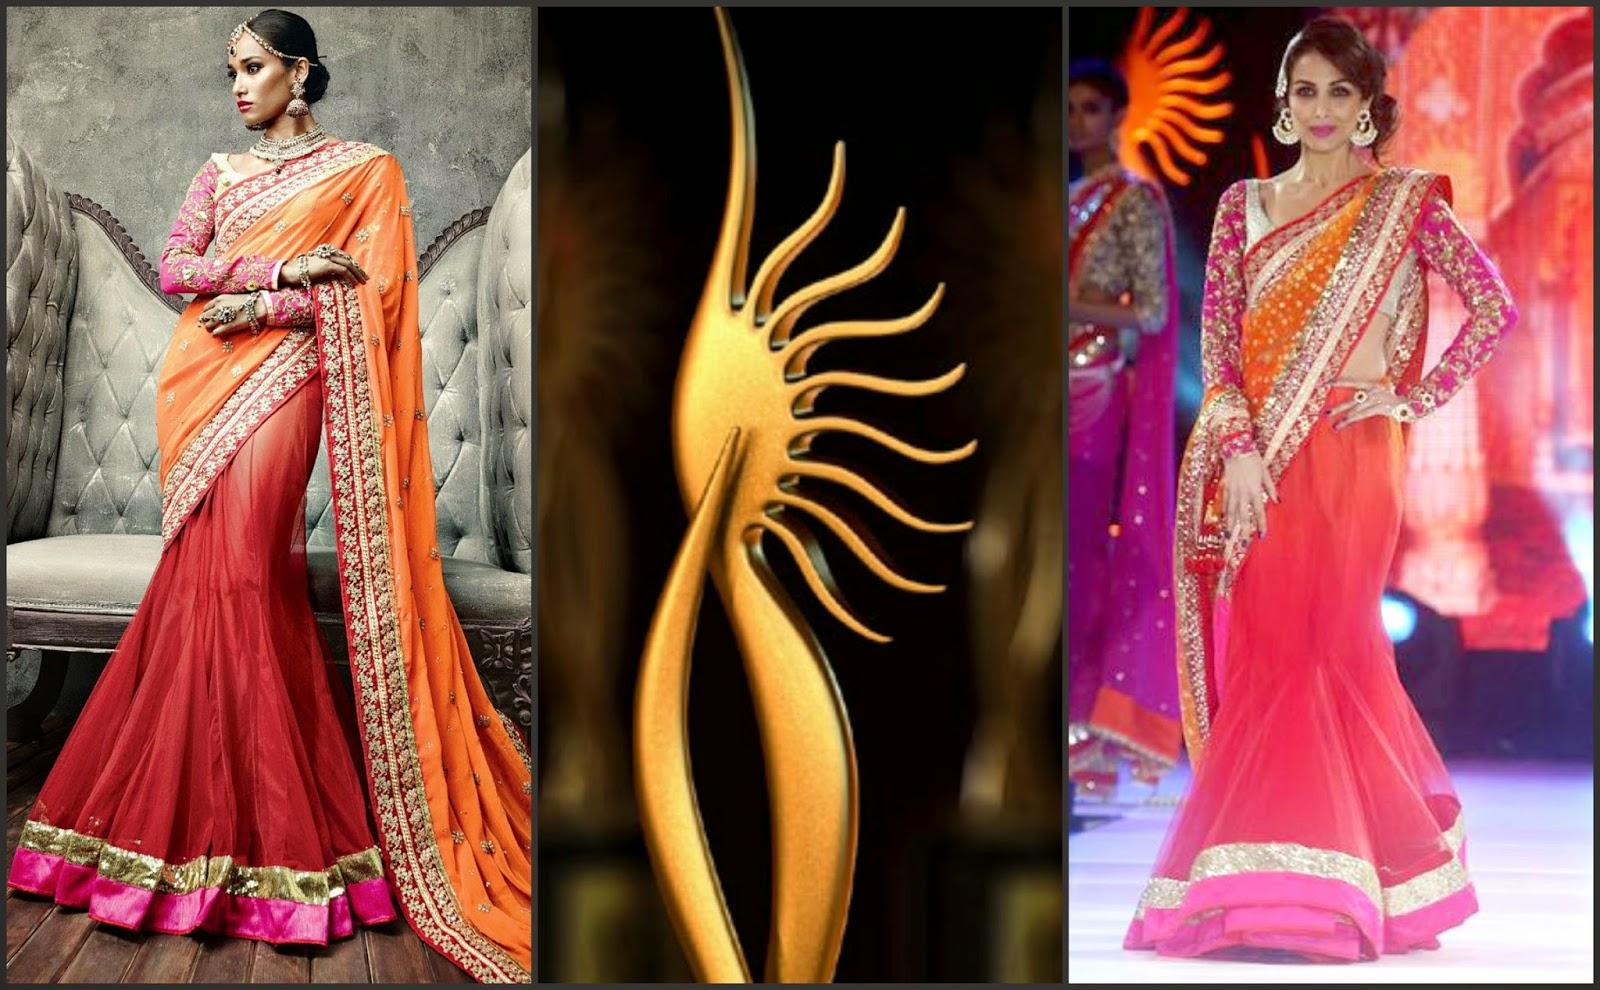 Malaika arora khan iifa saree, iifa saree 2014